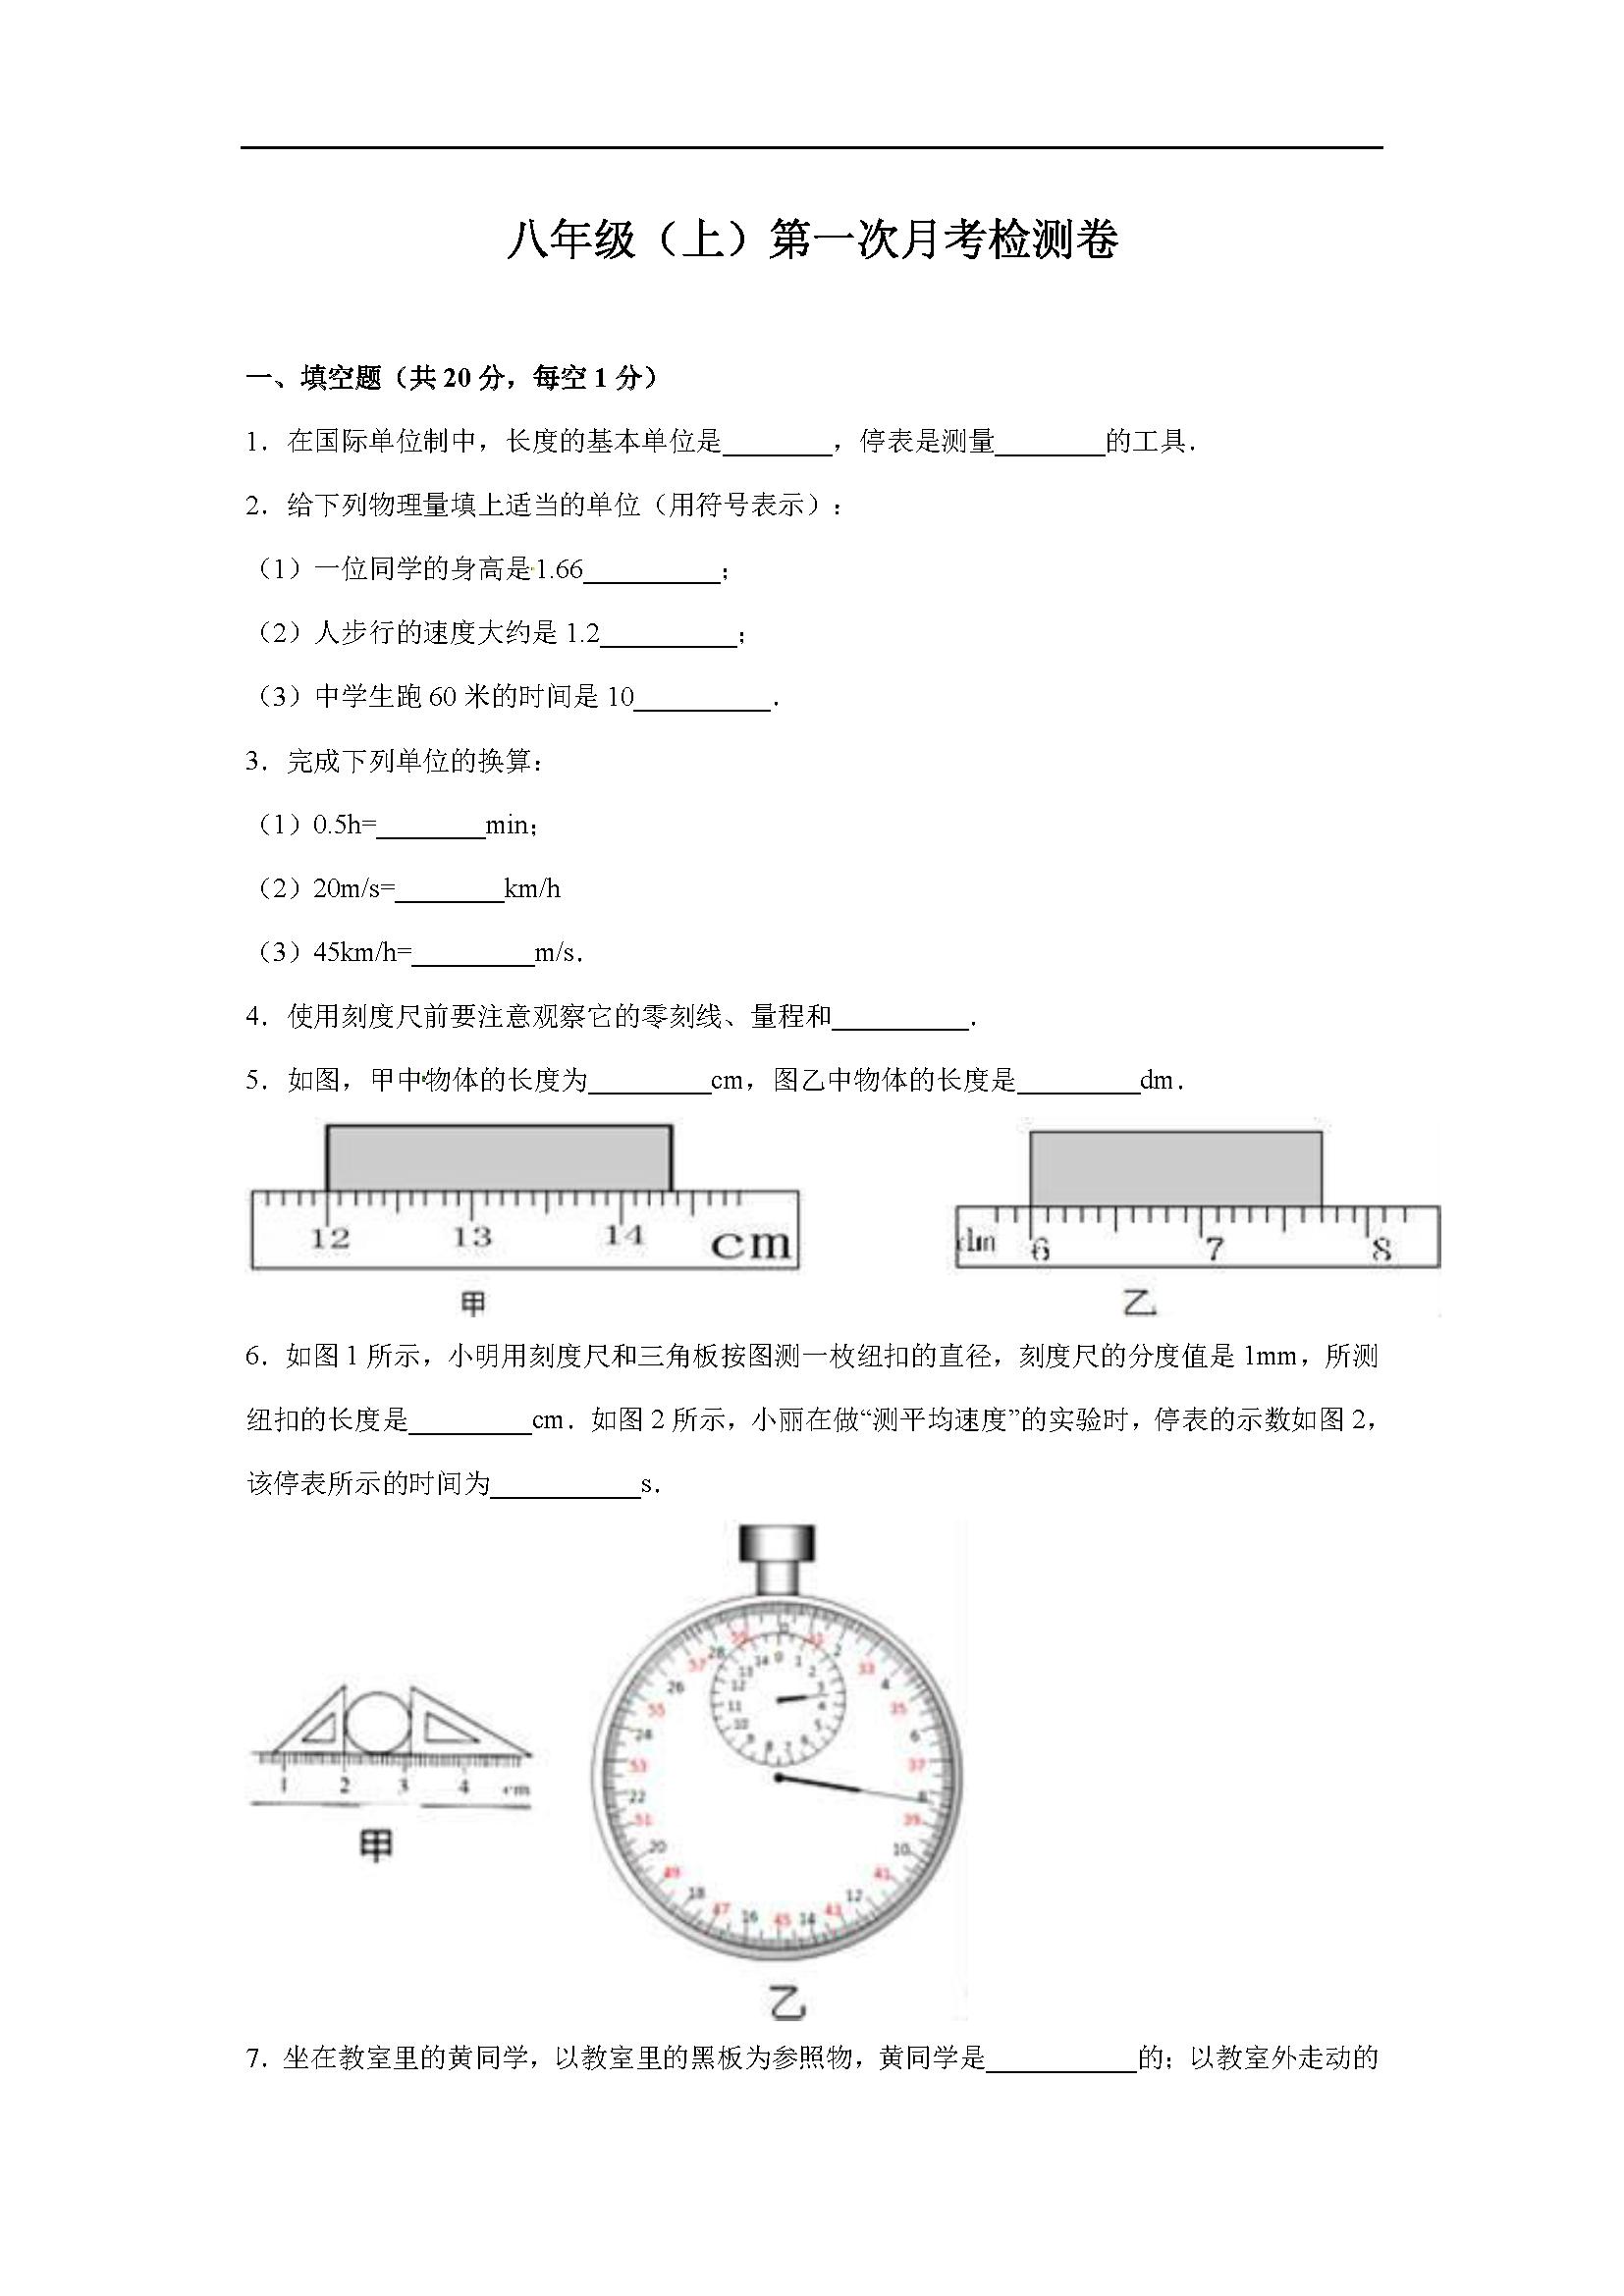 2017-2018教科版八年级物理上册第一次月考检测卷(图片版)